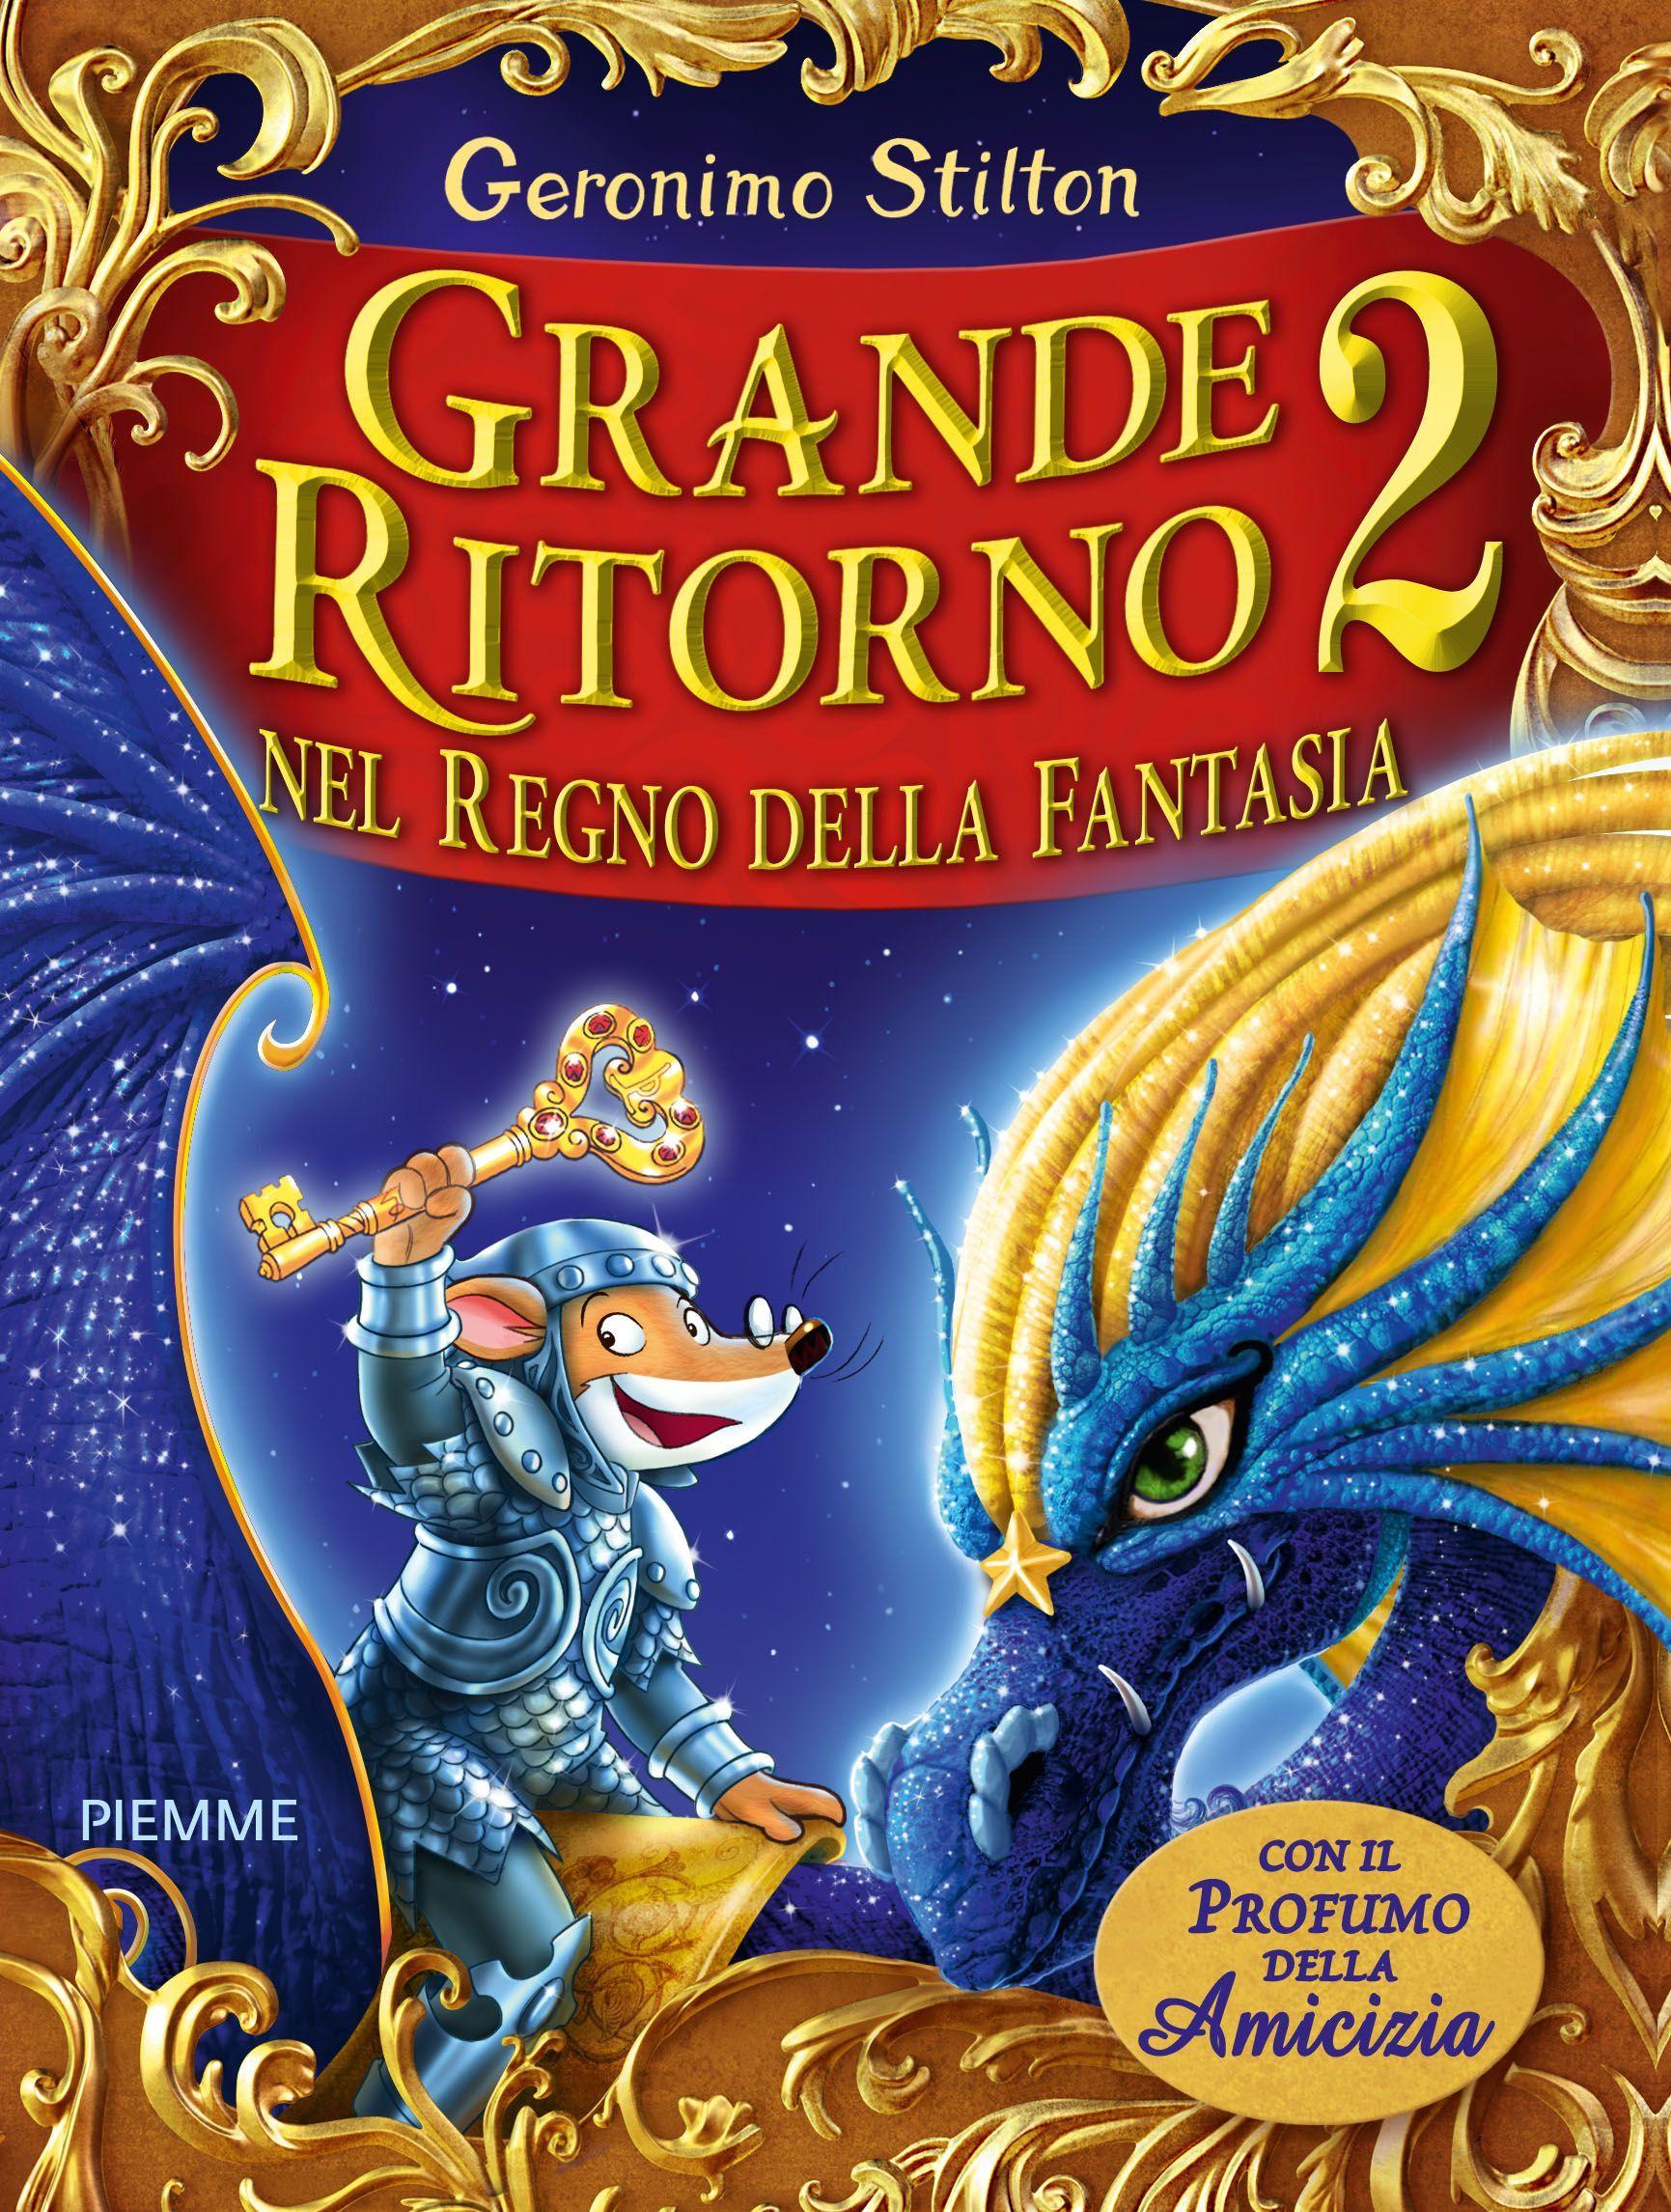 grande ritorno nel regno della fantasia 2, geronimo stilton